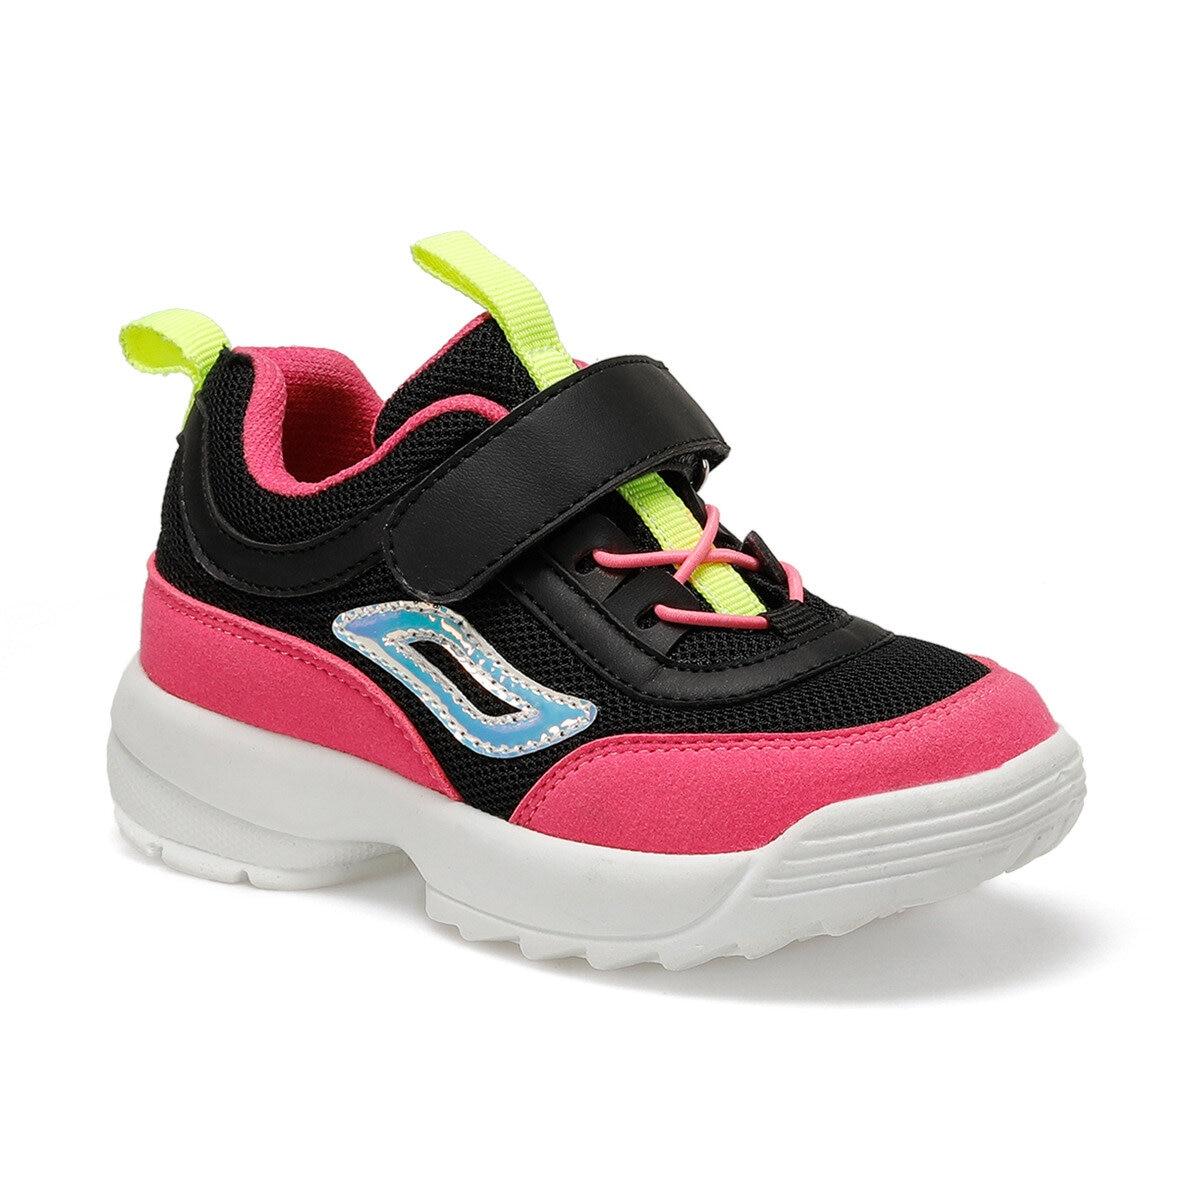 FLO Champion Black Female Child Walking Shoes I-Cool